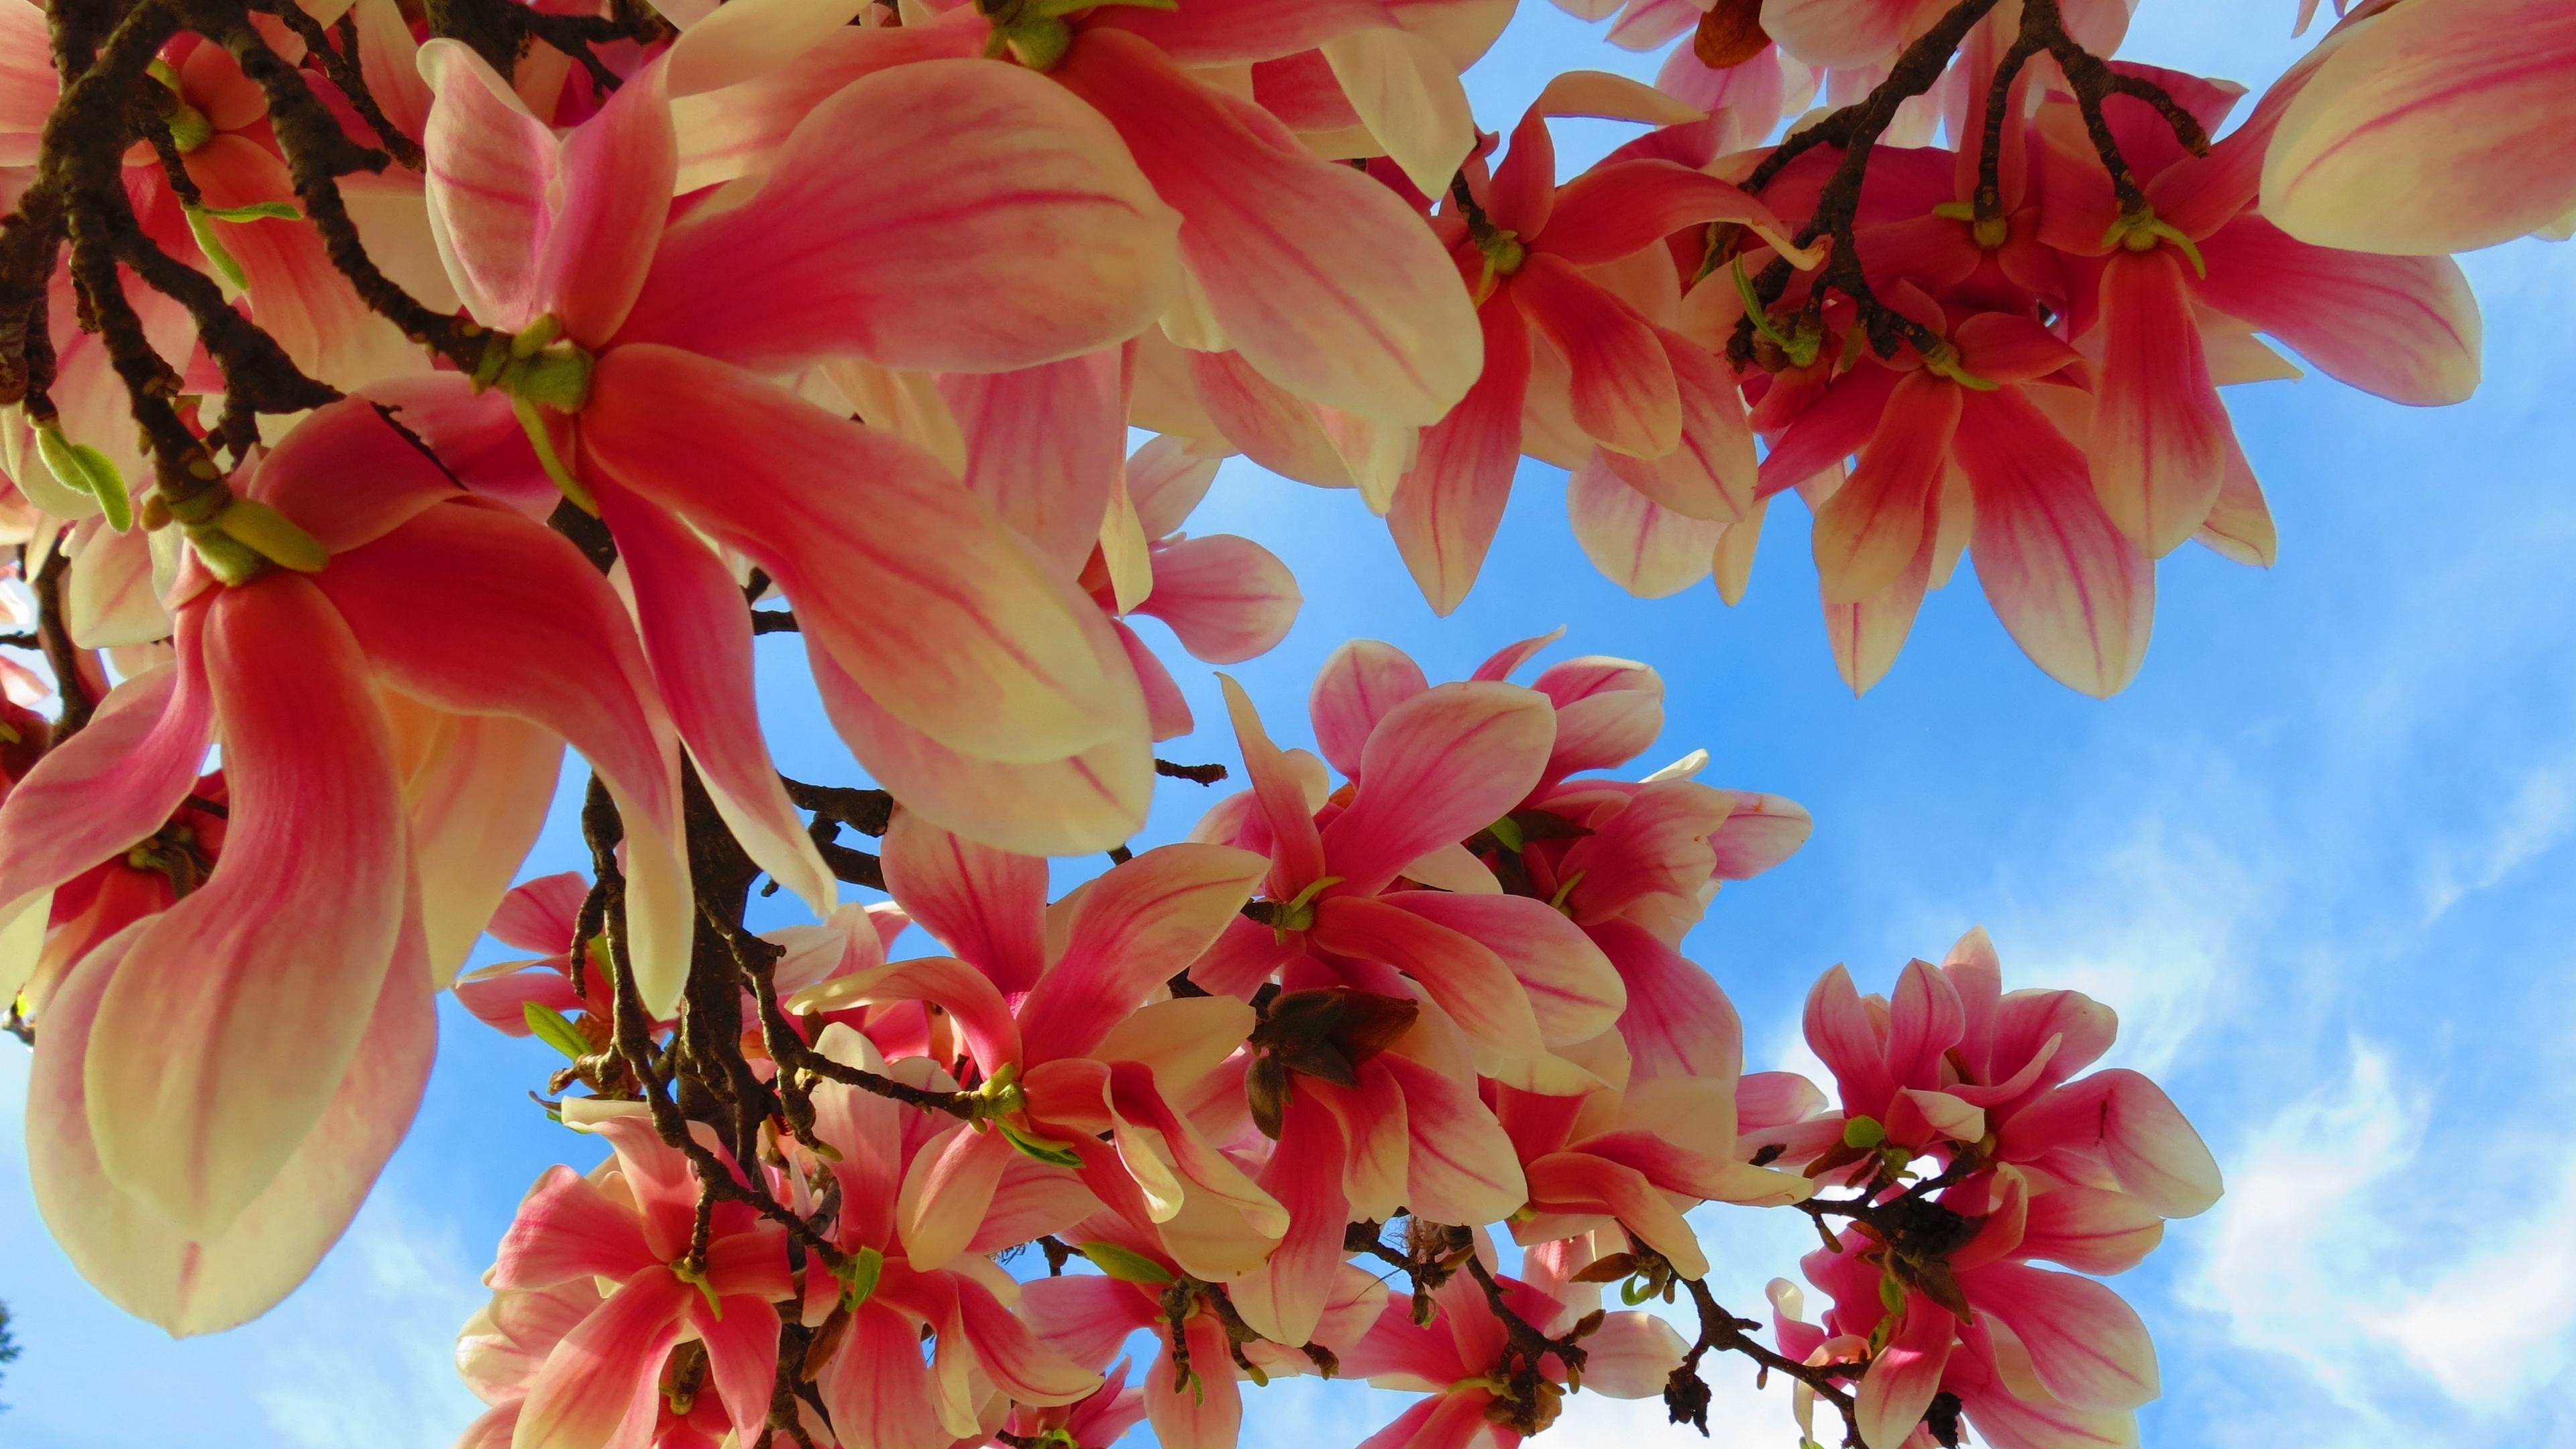 flowers branch sky 4k 1540065051 - flowers, branch, sky 4k - Sky, Flowers, branch